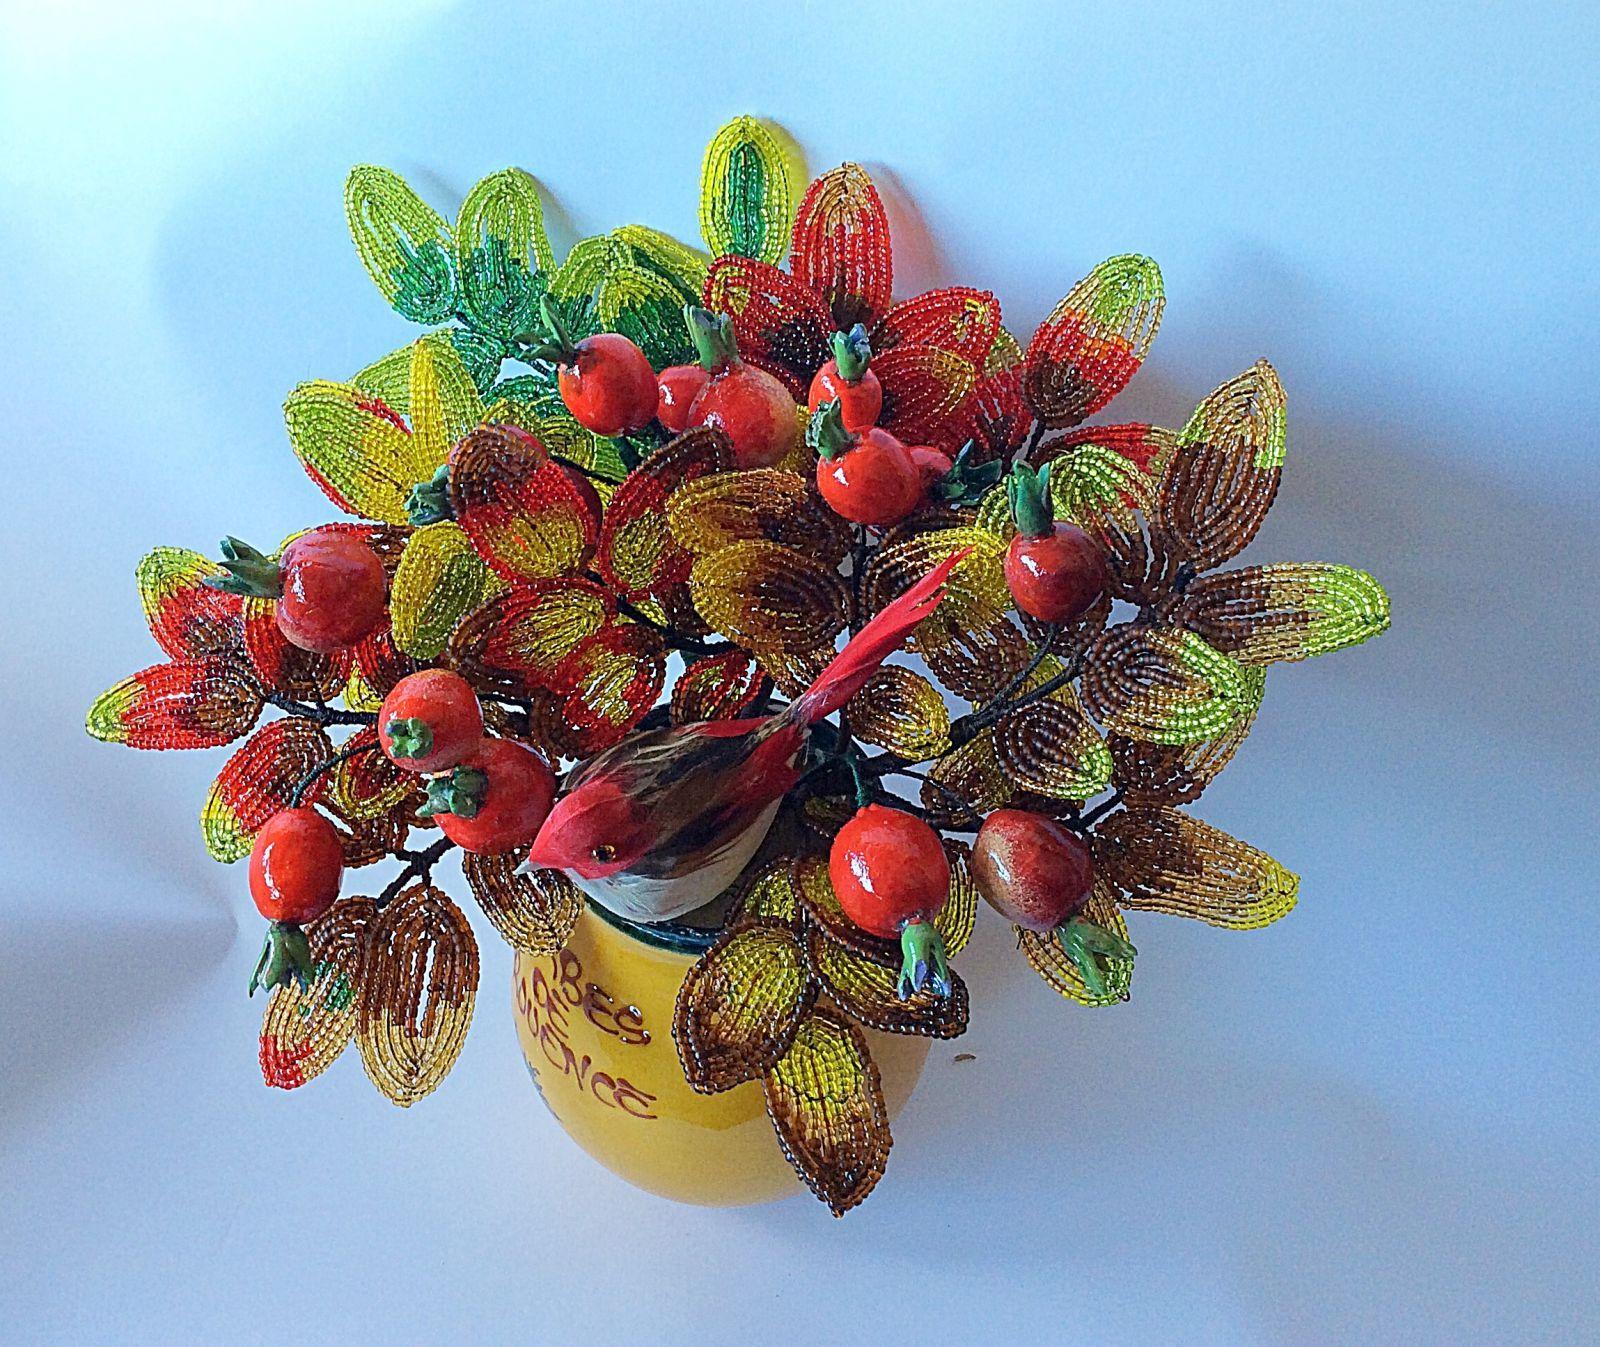 Осенний шиповник. | biser.info - всё о бисере и бисерном творчестве